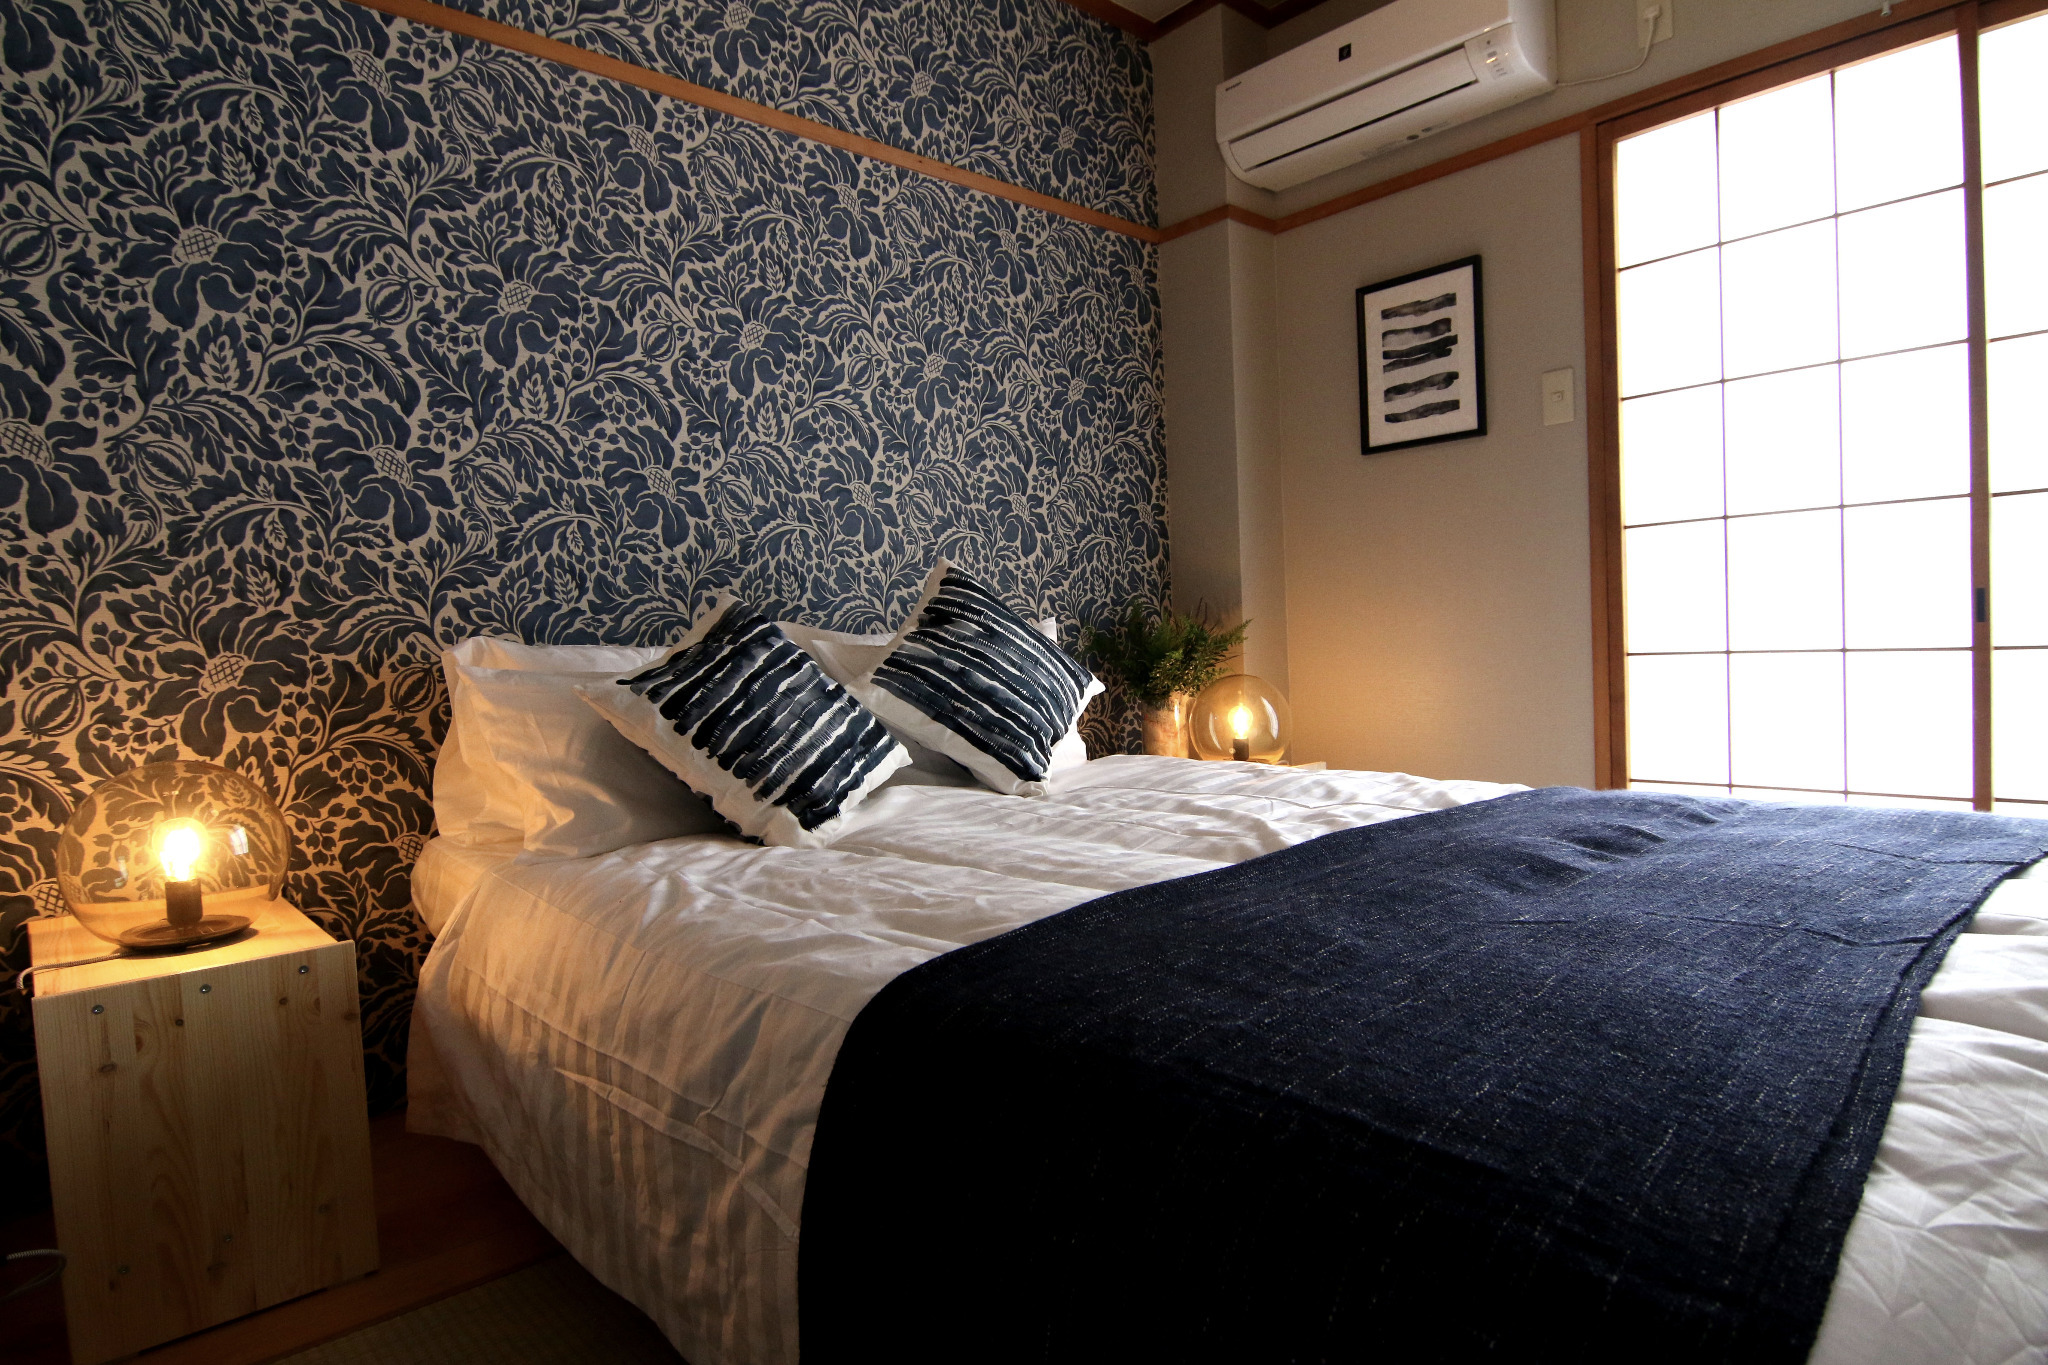 ダブルベッドを配置した寝室です。